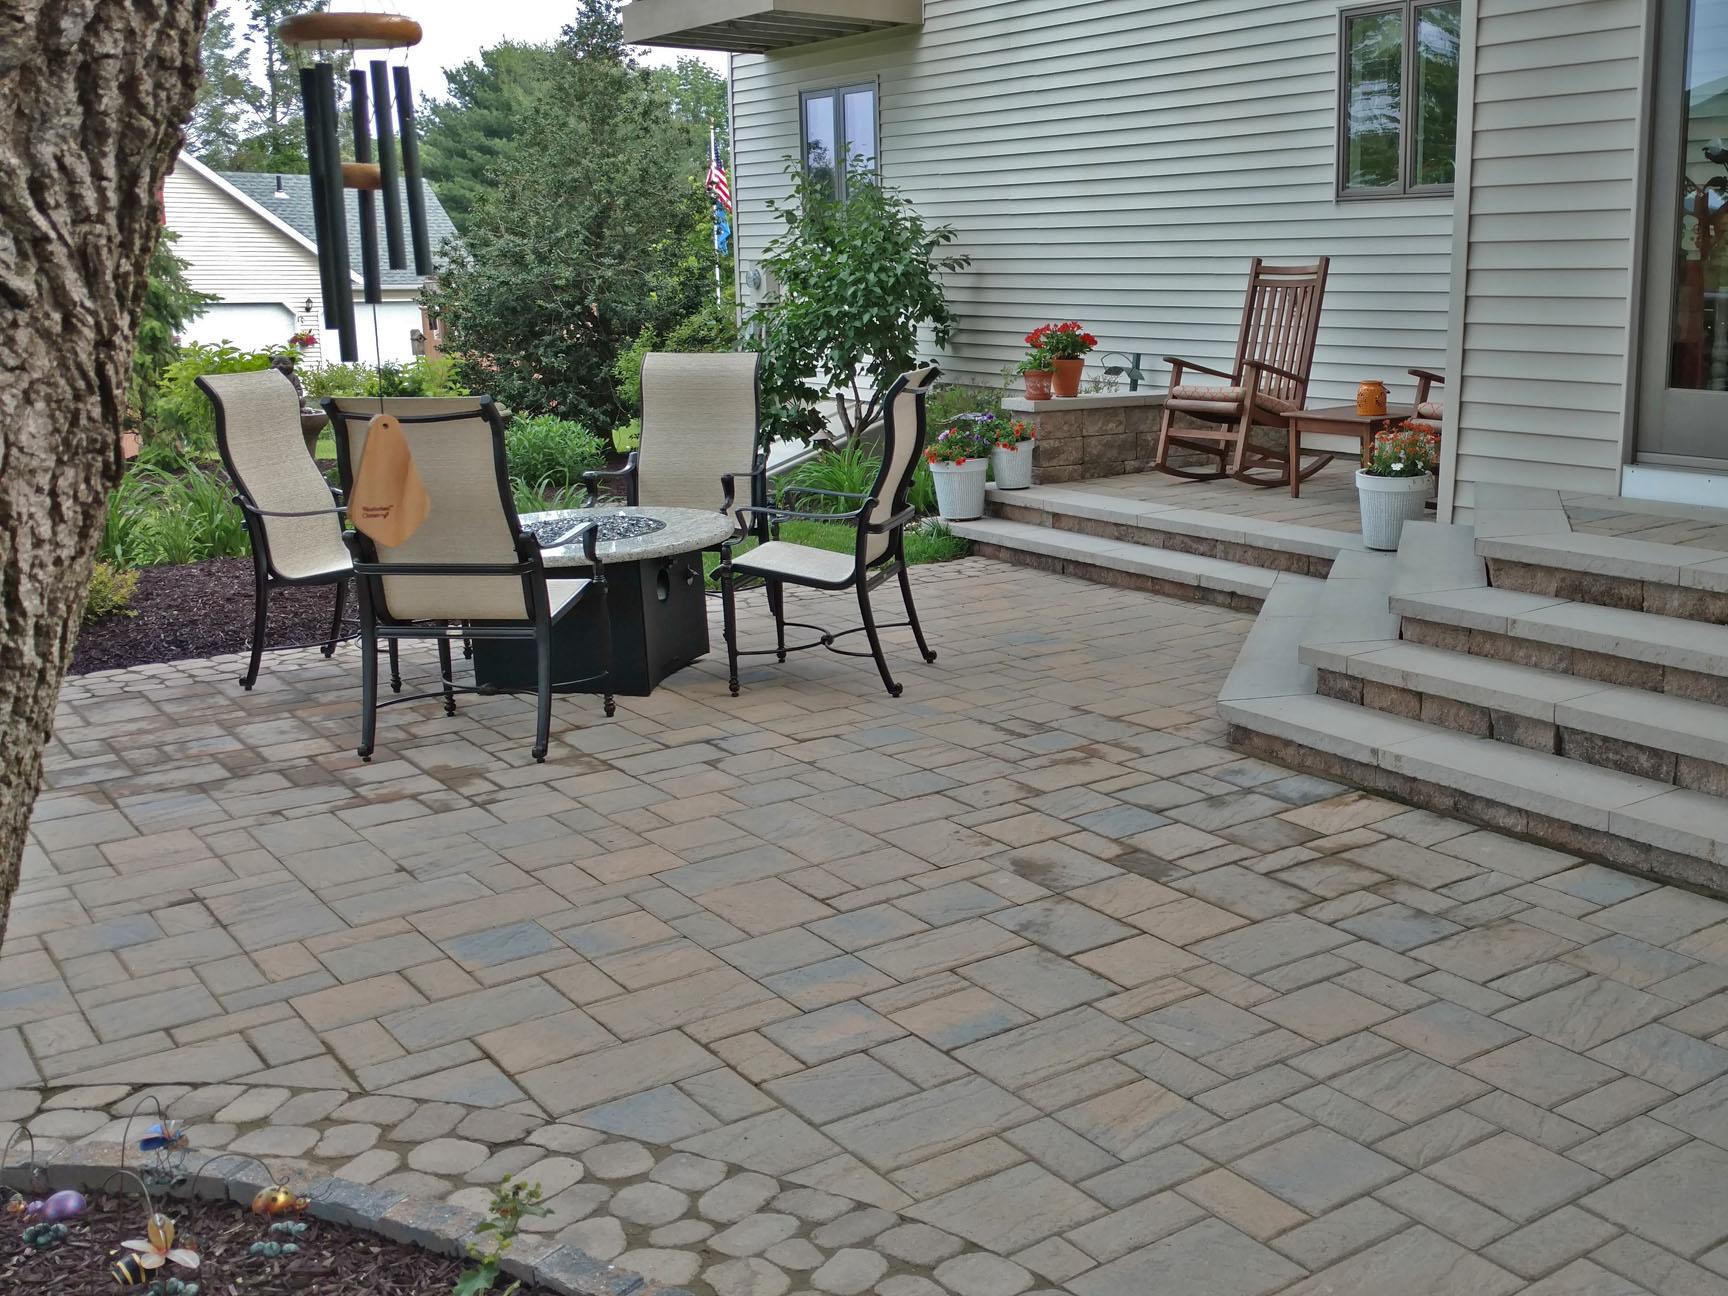 việc lựa chọn đá bo góc cho lối vào nhà giúp làm giảm đi nét cứng nhắc của thiết kế.